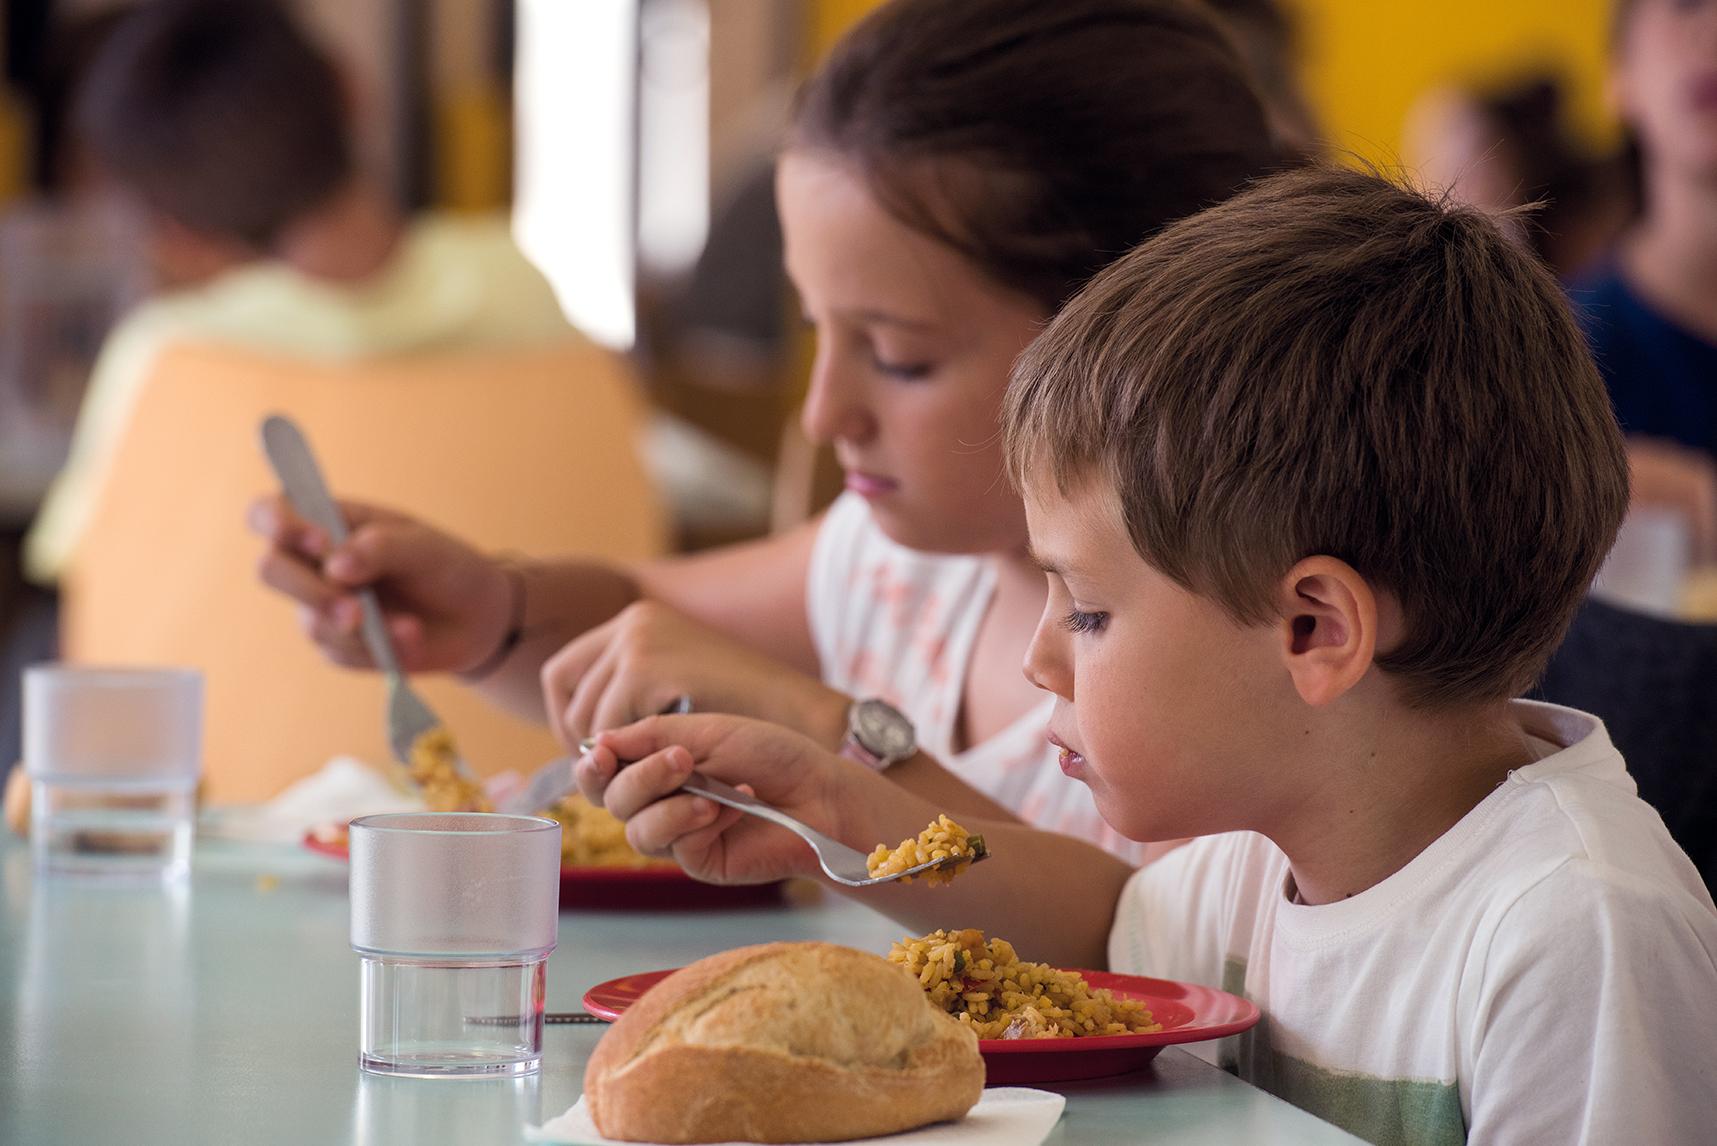 Le volume maximum de repas à produire dans les établissements scolaires est de 2700 repas/jour en période scolaire (Photo Ville d'Ajaccio).